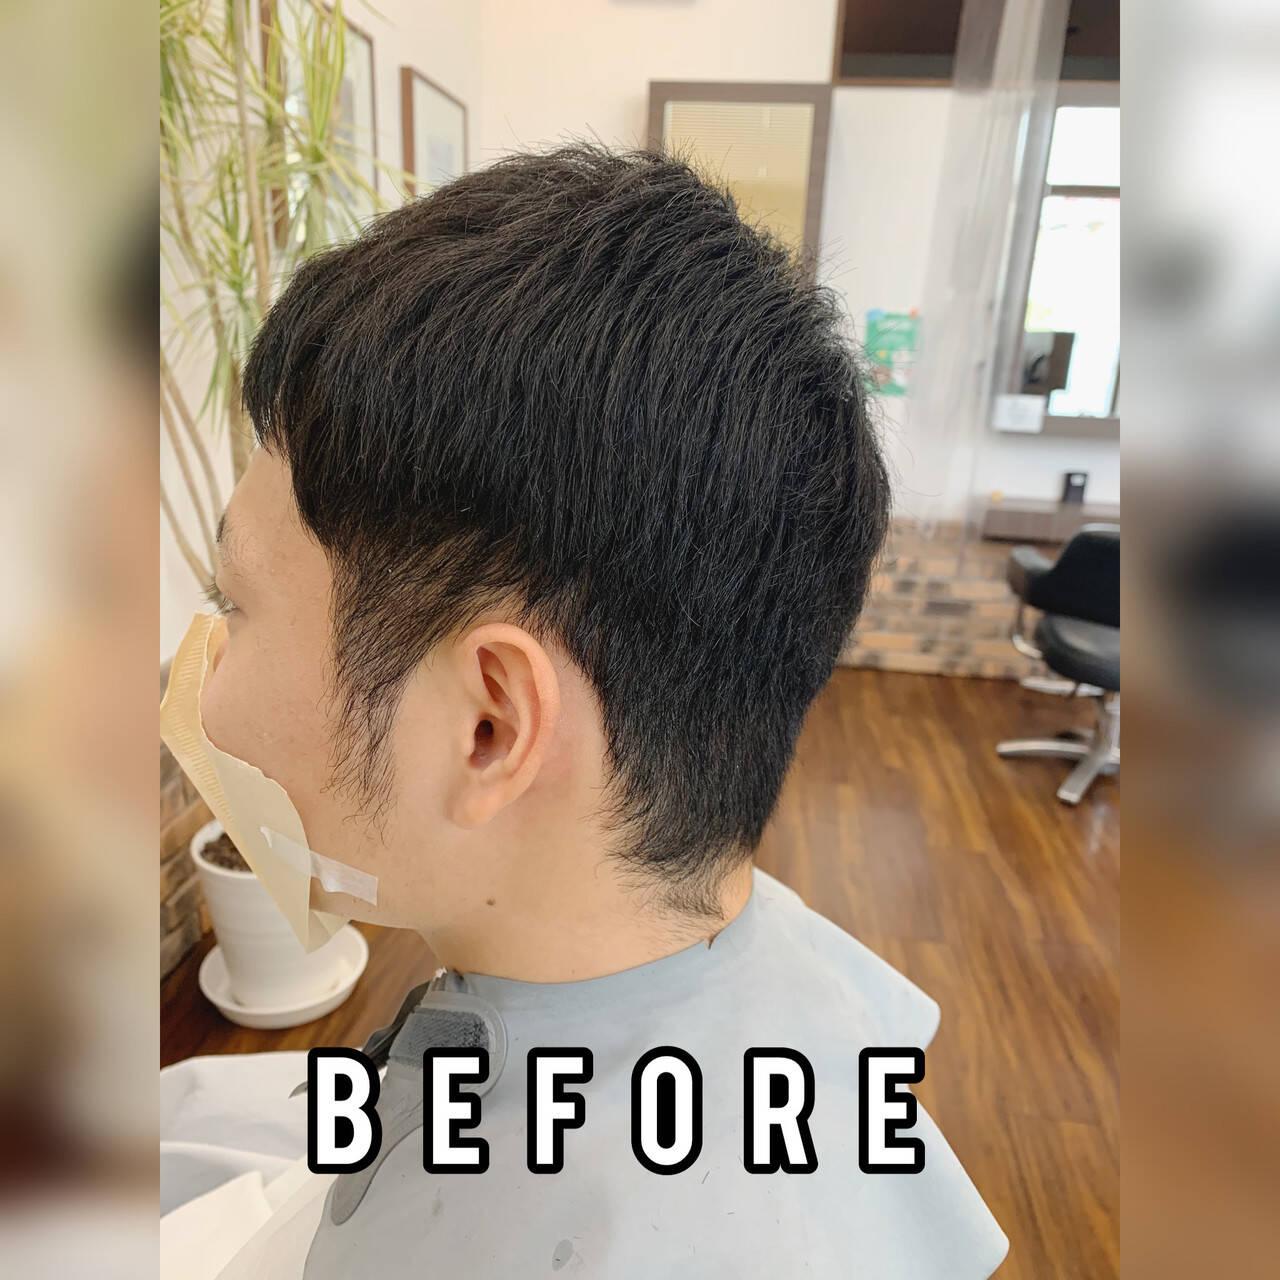 ツーブロック ベリーショート メンズヘア ショートヘアスタイルや髪型の写真・画像